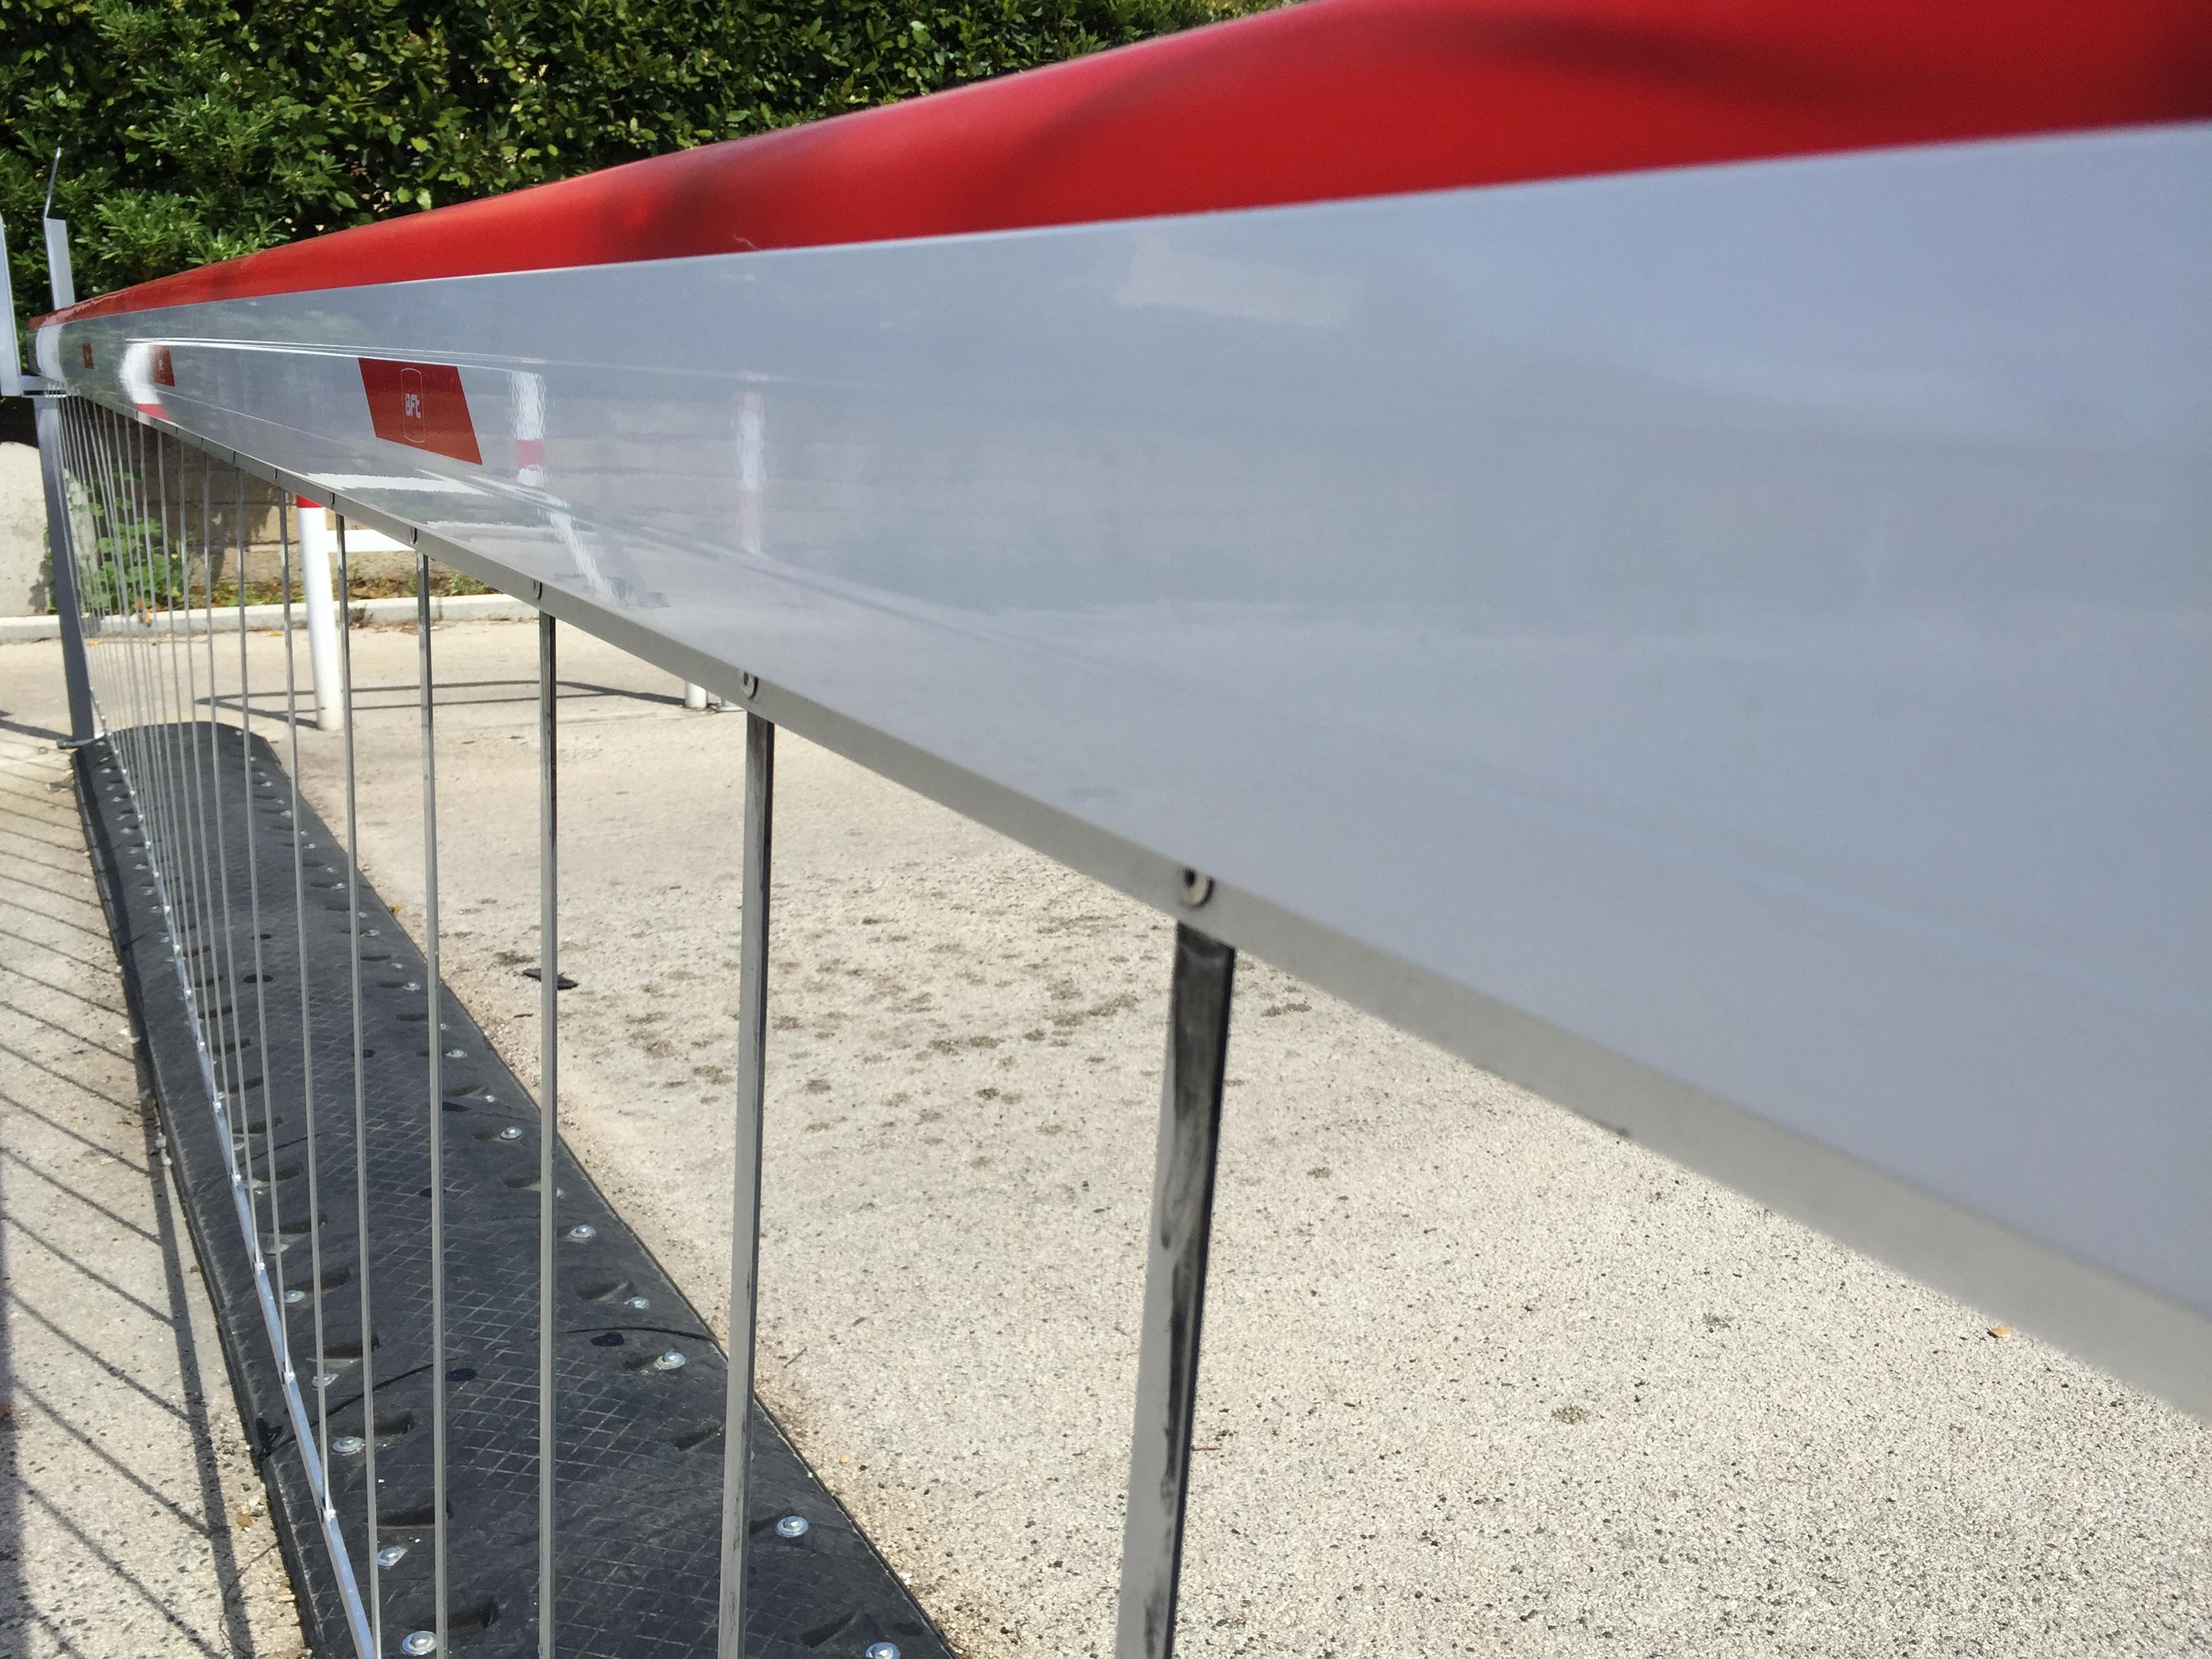 controllo accessi installazione manutezione anzio nettuno roma